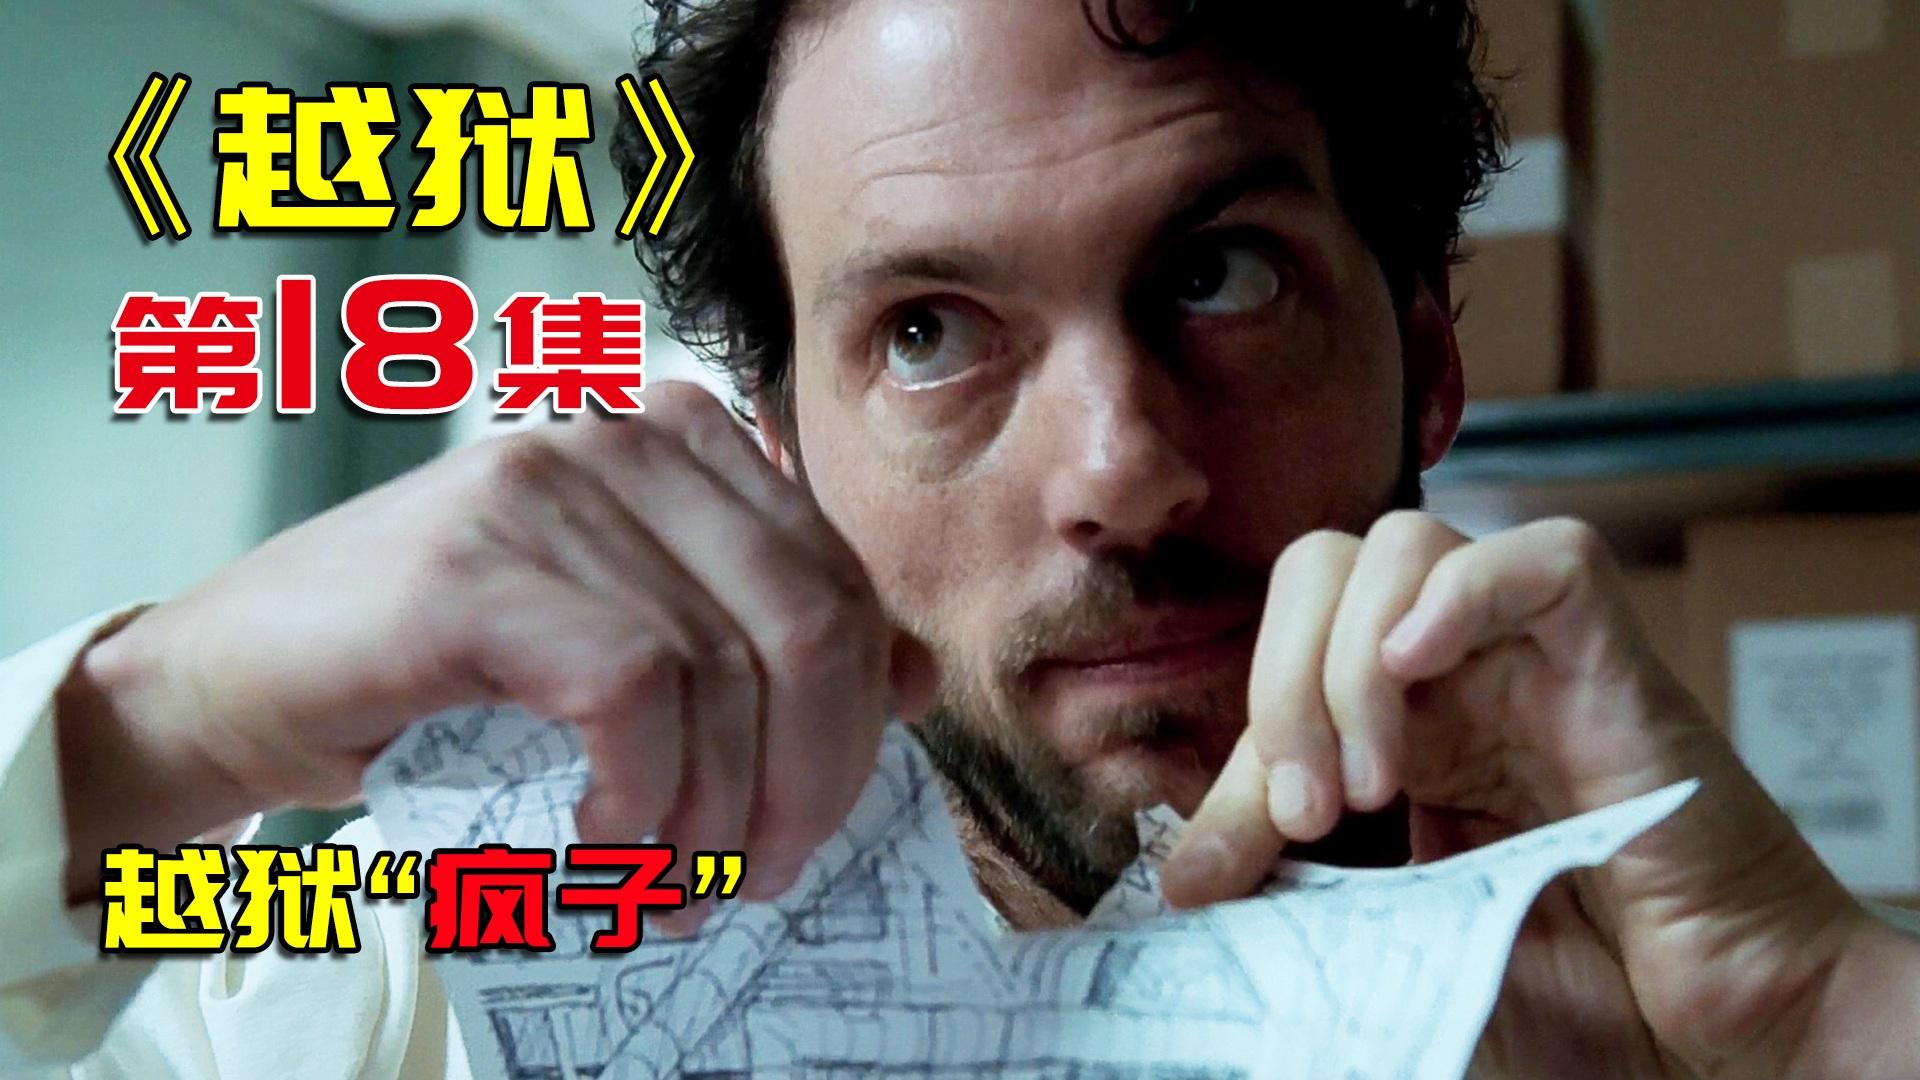 【夏日蕉易战】找精神病人画地图,麦克还用这地图来越狱,美剧《越狱》18话